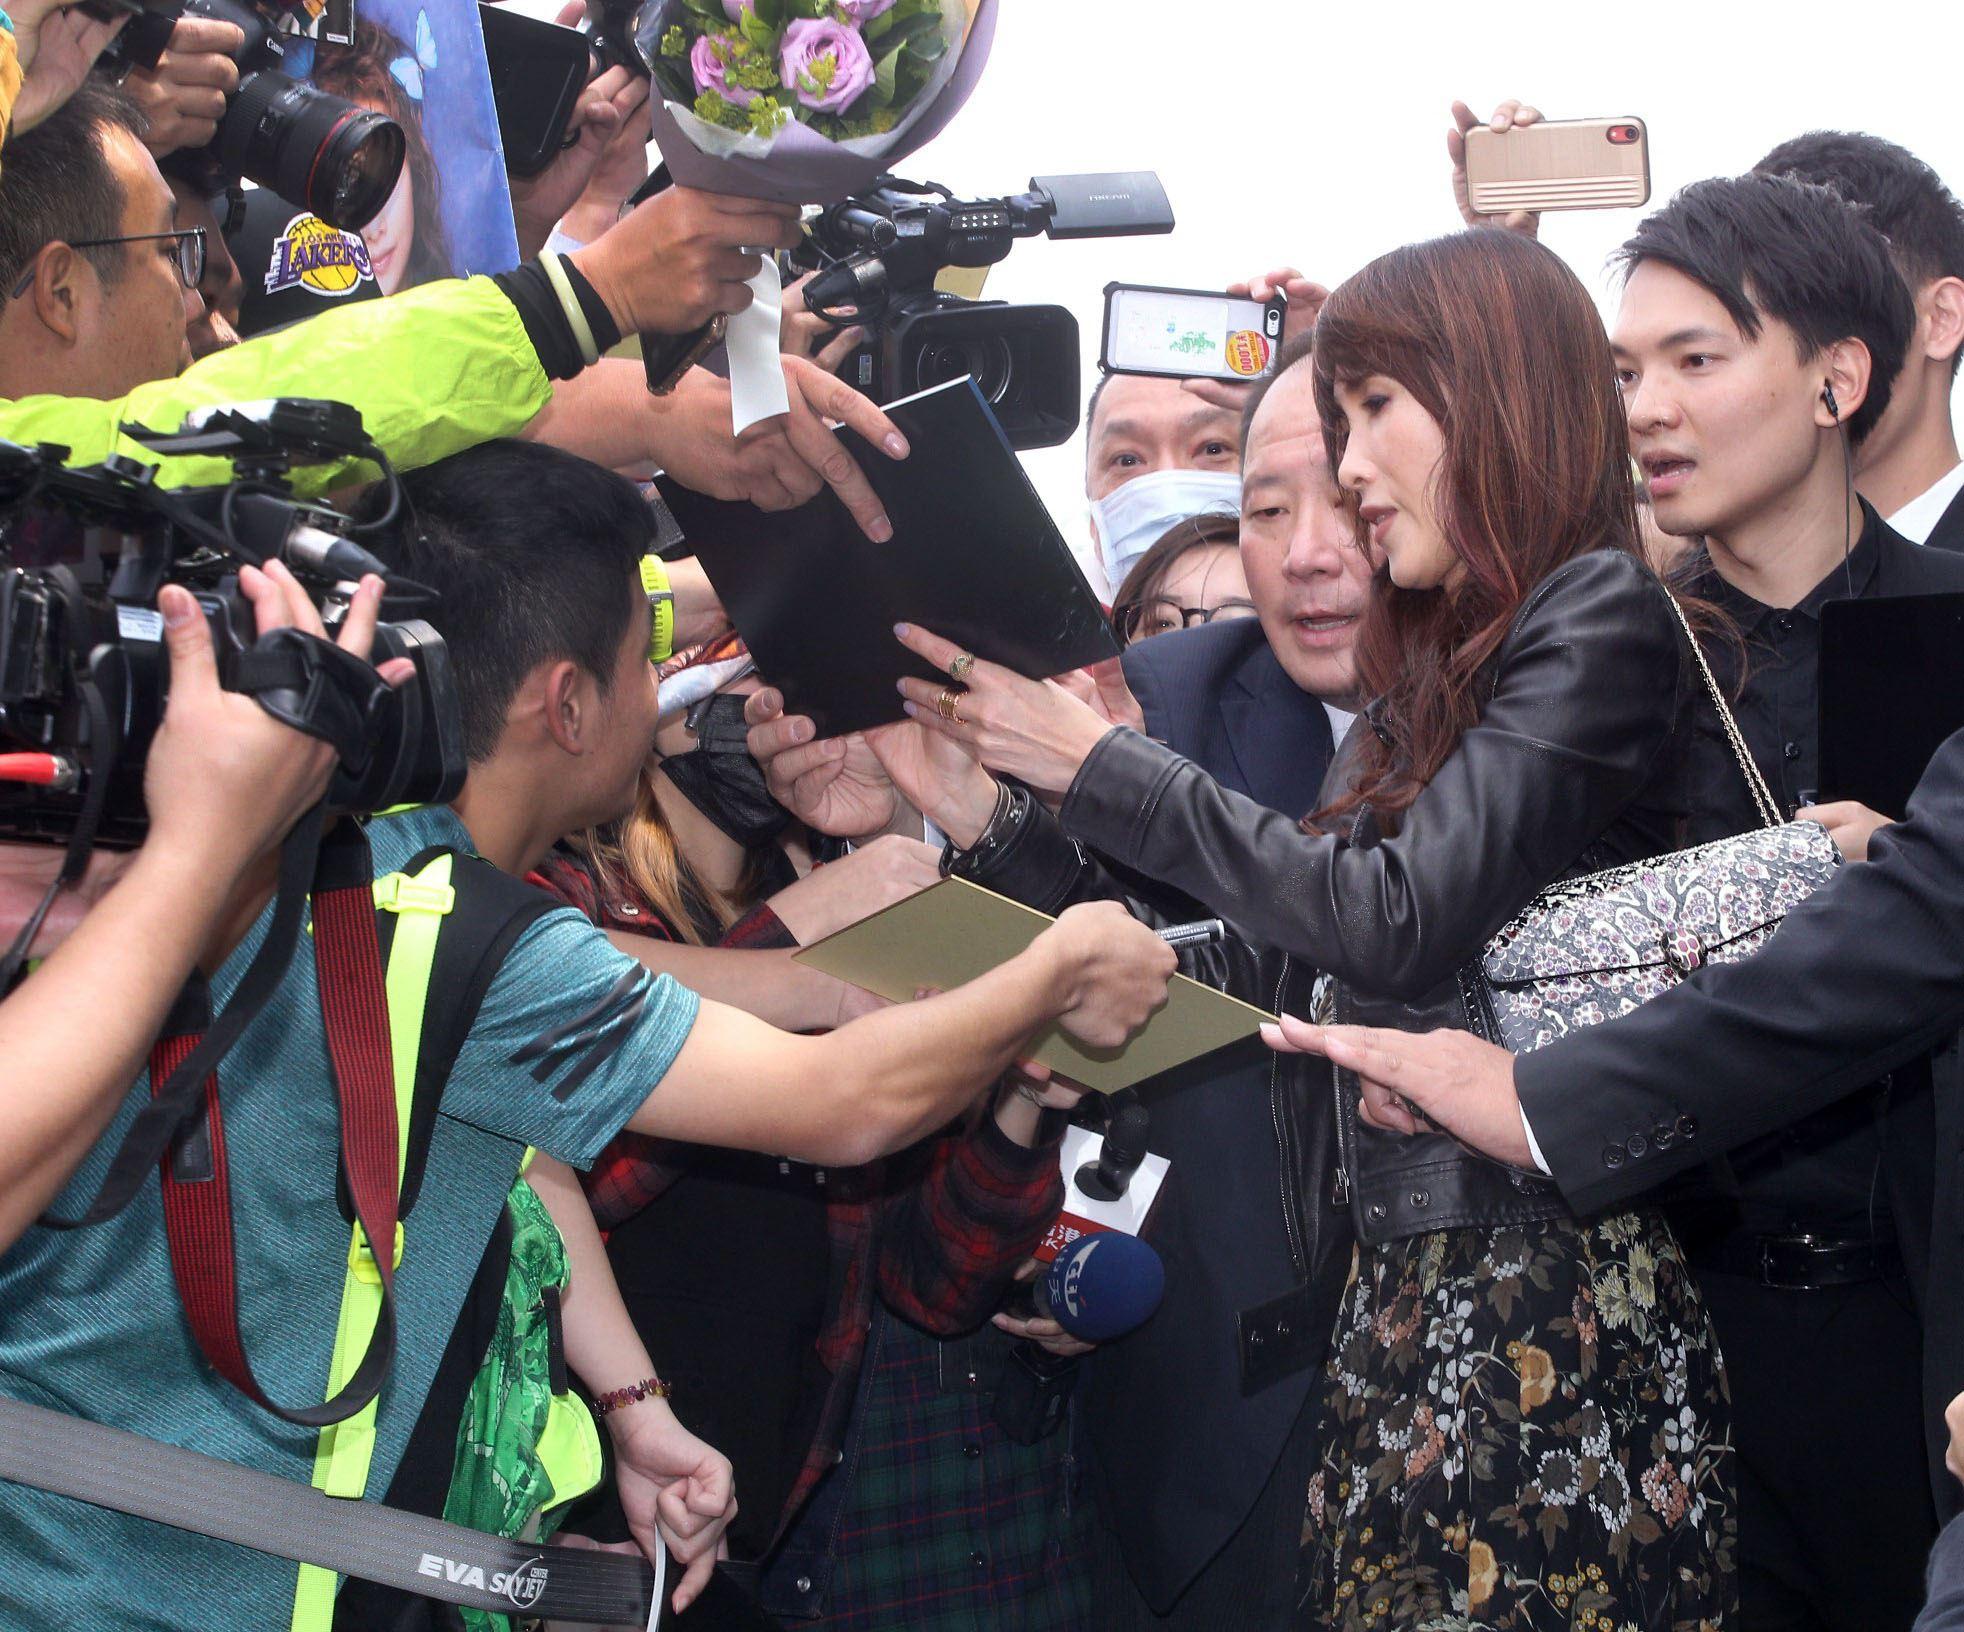 凍齡的天王嫂工藤靜香陪同2女兒木村光希(KoKi)來台,親切的幫粉絲簽名。(記者邱榮吉/攝影)